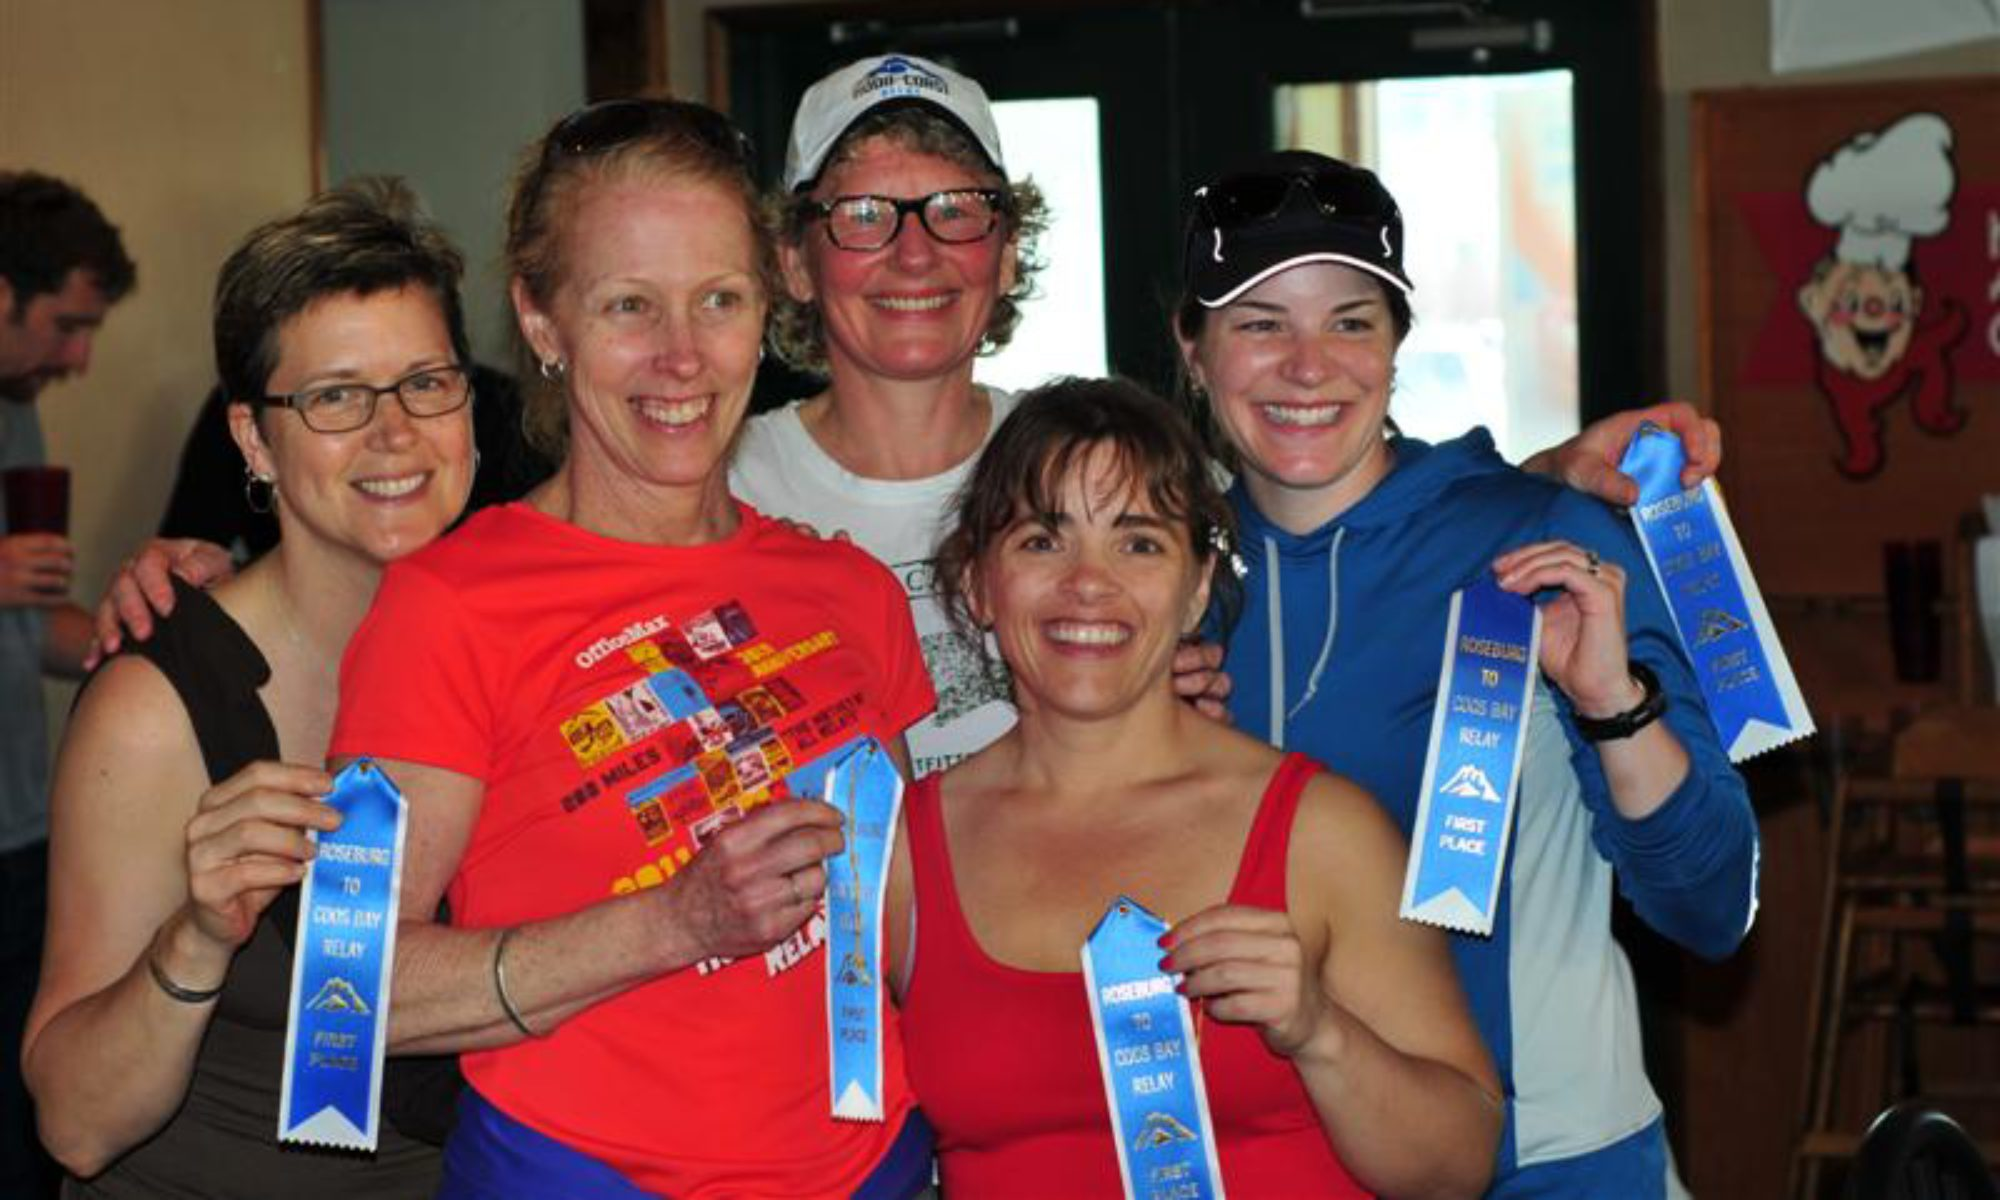 South Coast Running Club